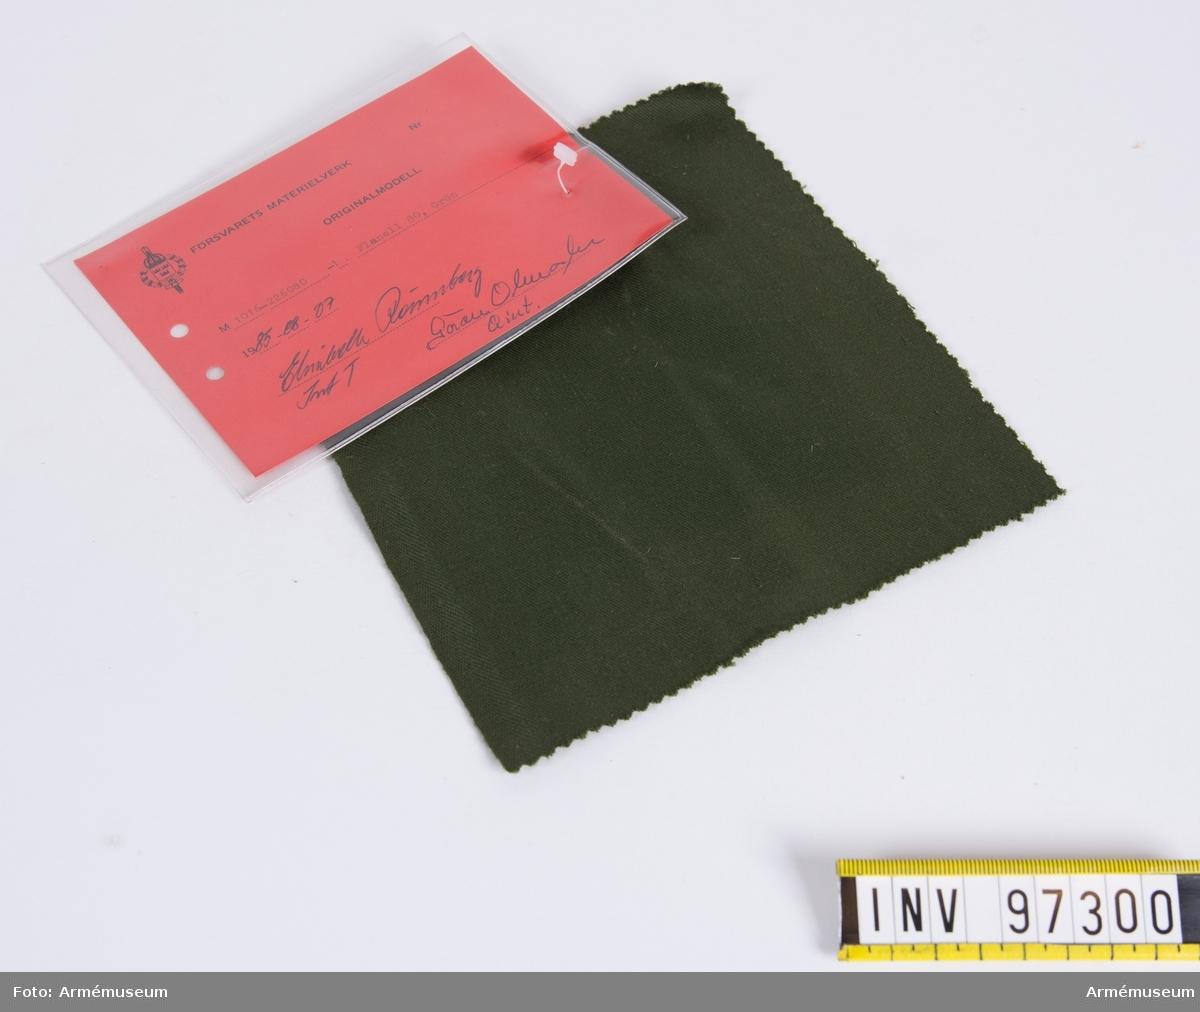 """Vidhängande modellapp med text: """"Försvarets materielverk. Originalmodell. M 1016-226080-1. Flanell 80, Grön. 1985-08-07. Elisabeth Rönnberg IntT, Göran Olmarker QInt."""""""